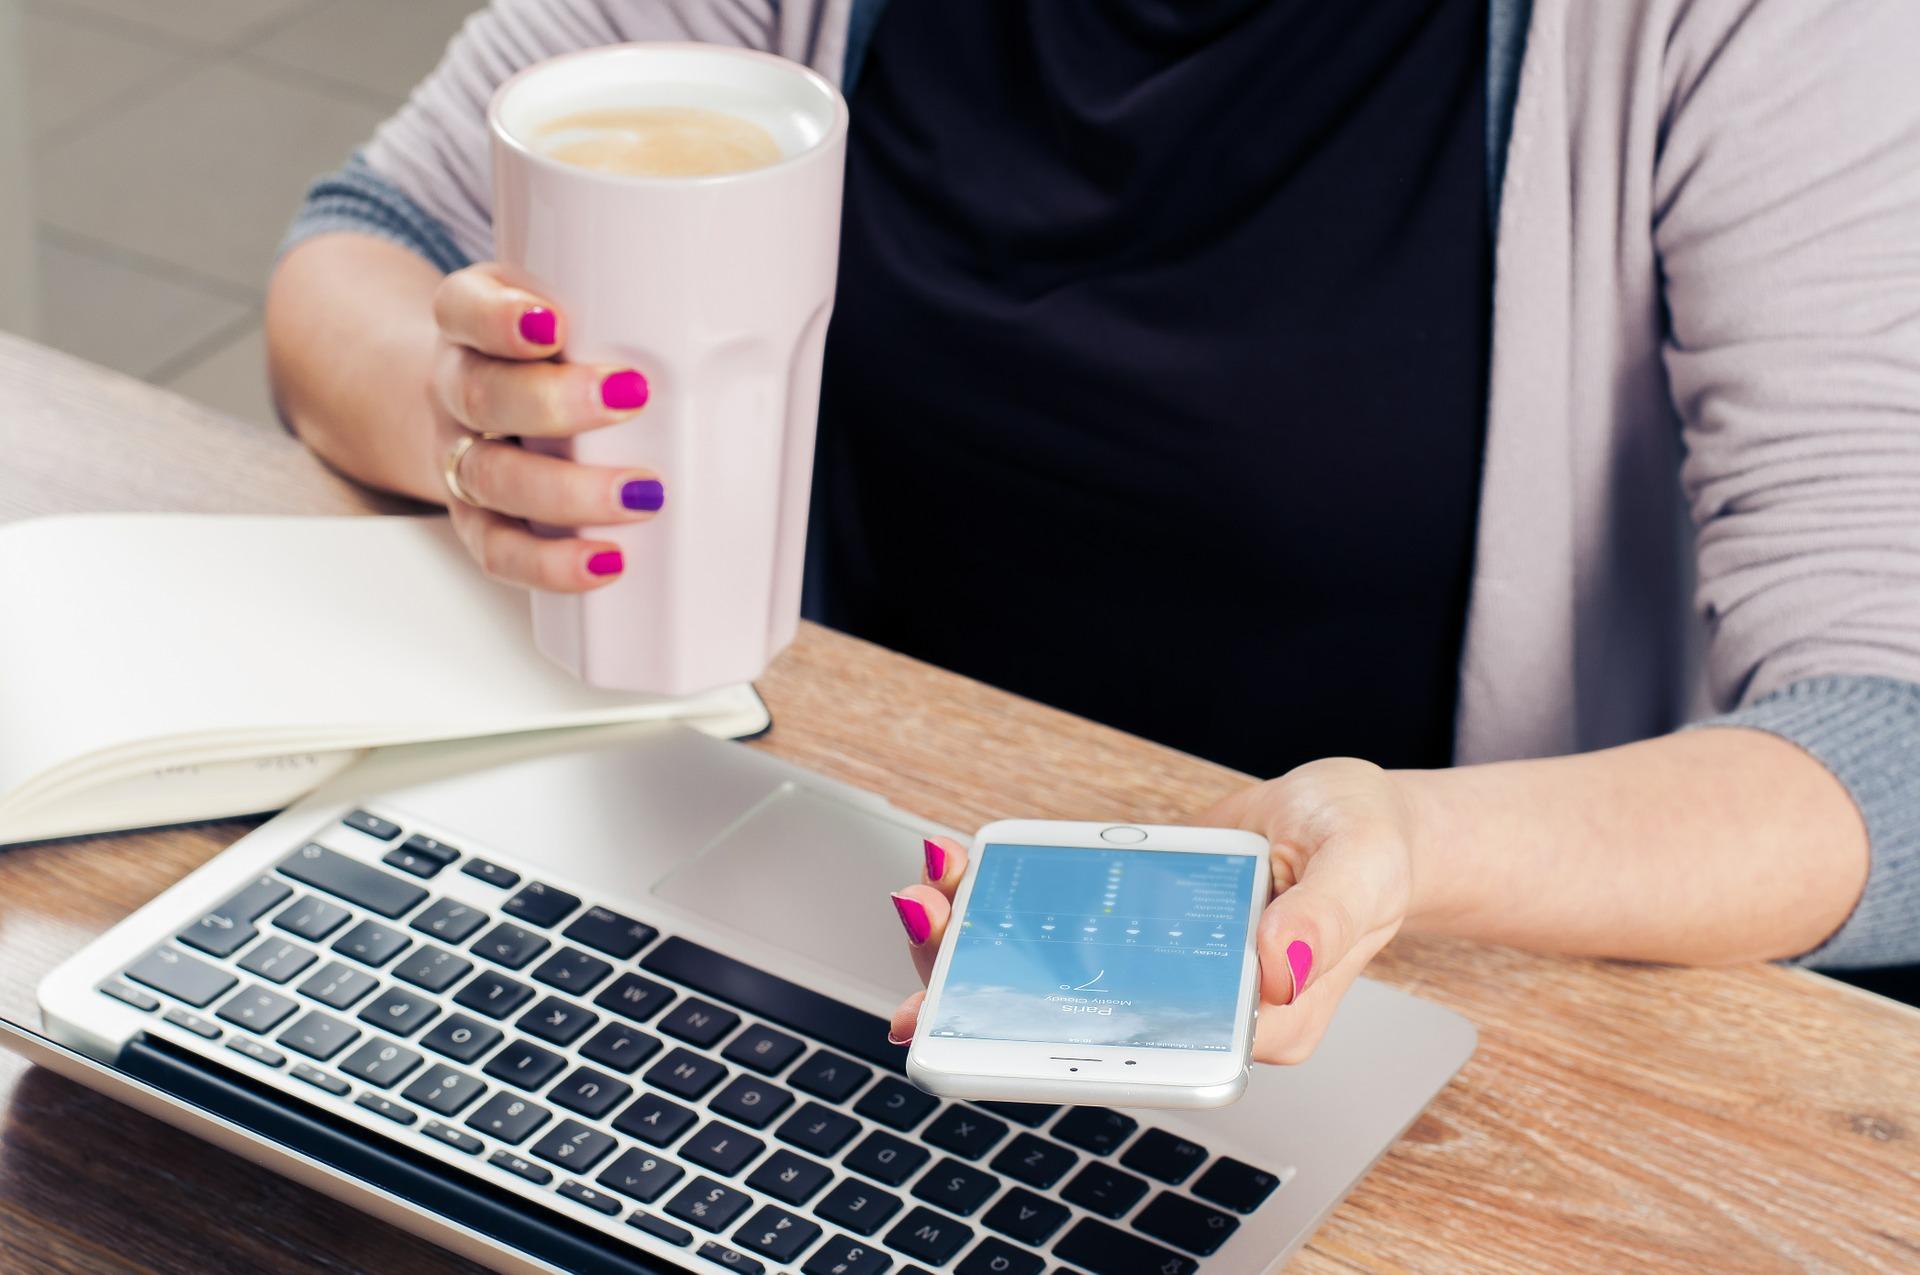 Zakupy w sieci nie spełniły Twoich oczekiwań?